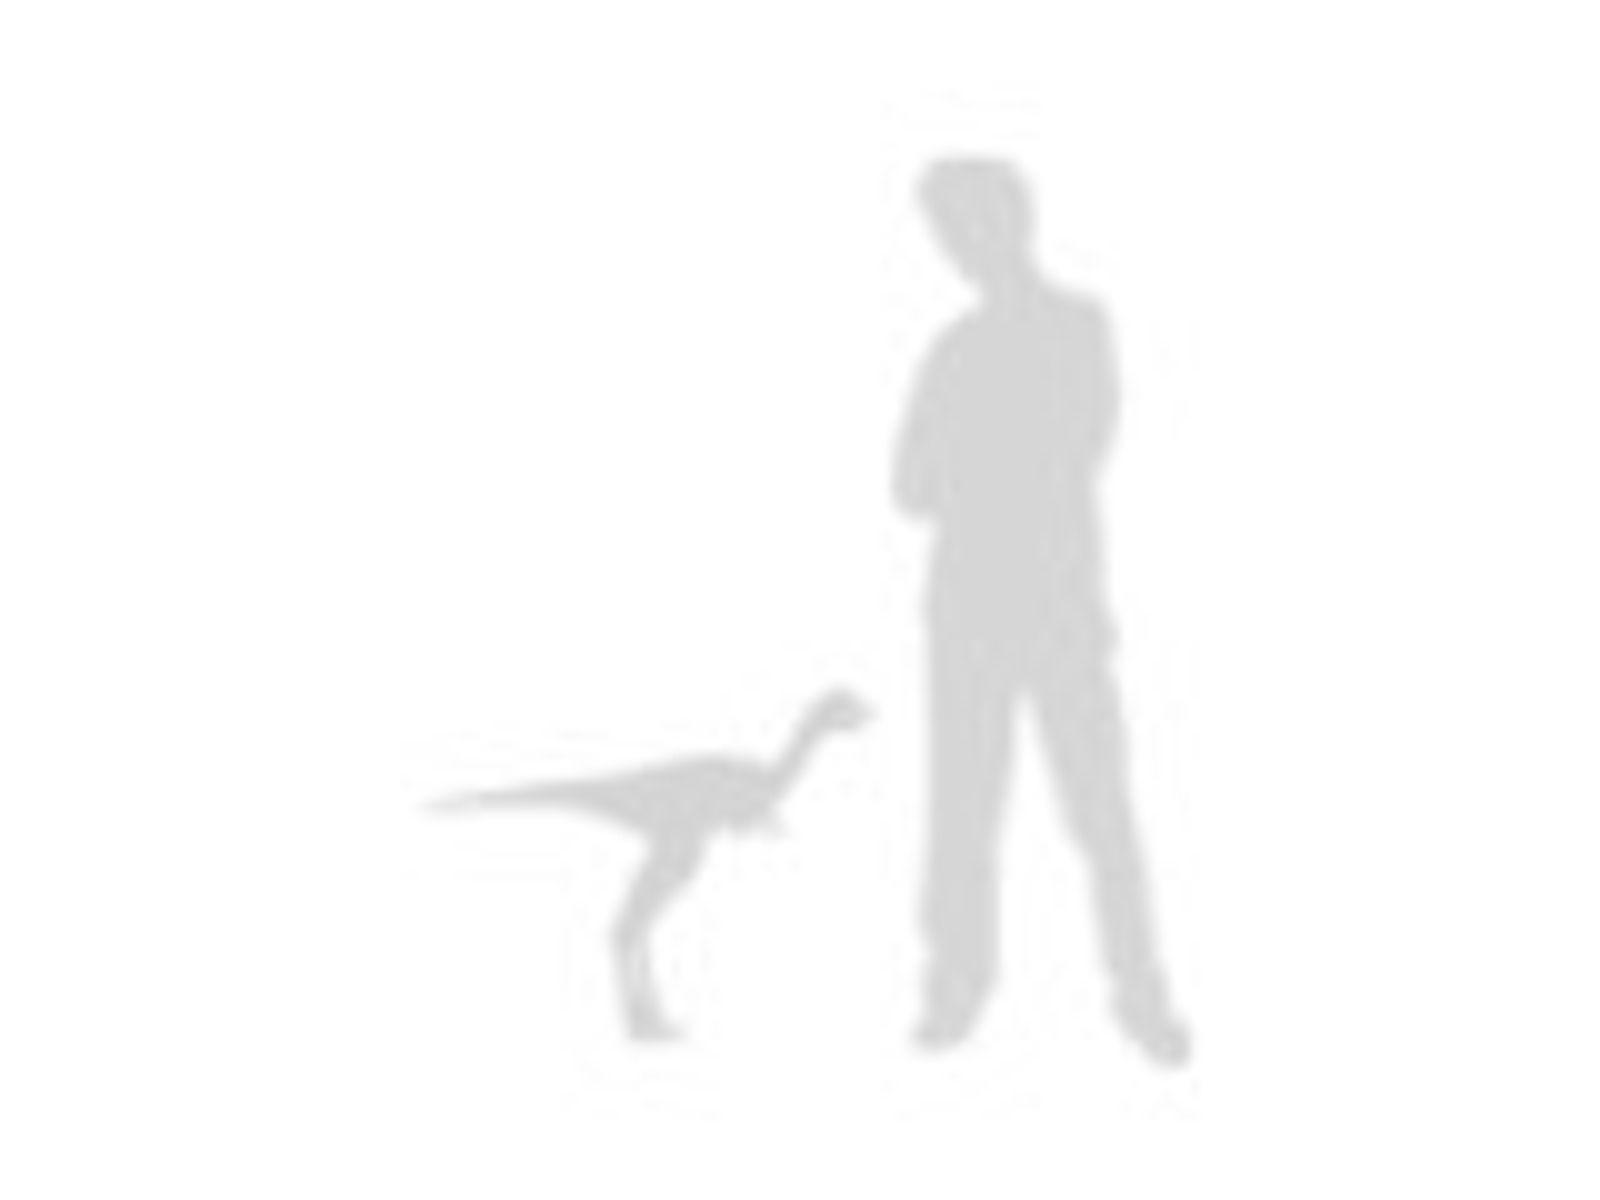 Gran Diversión Imán Flexible 6 X 4 Labrador Negro Regalo de Perro de laboratorio reglas de propiedad